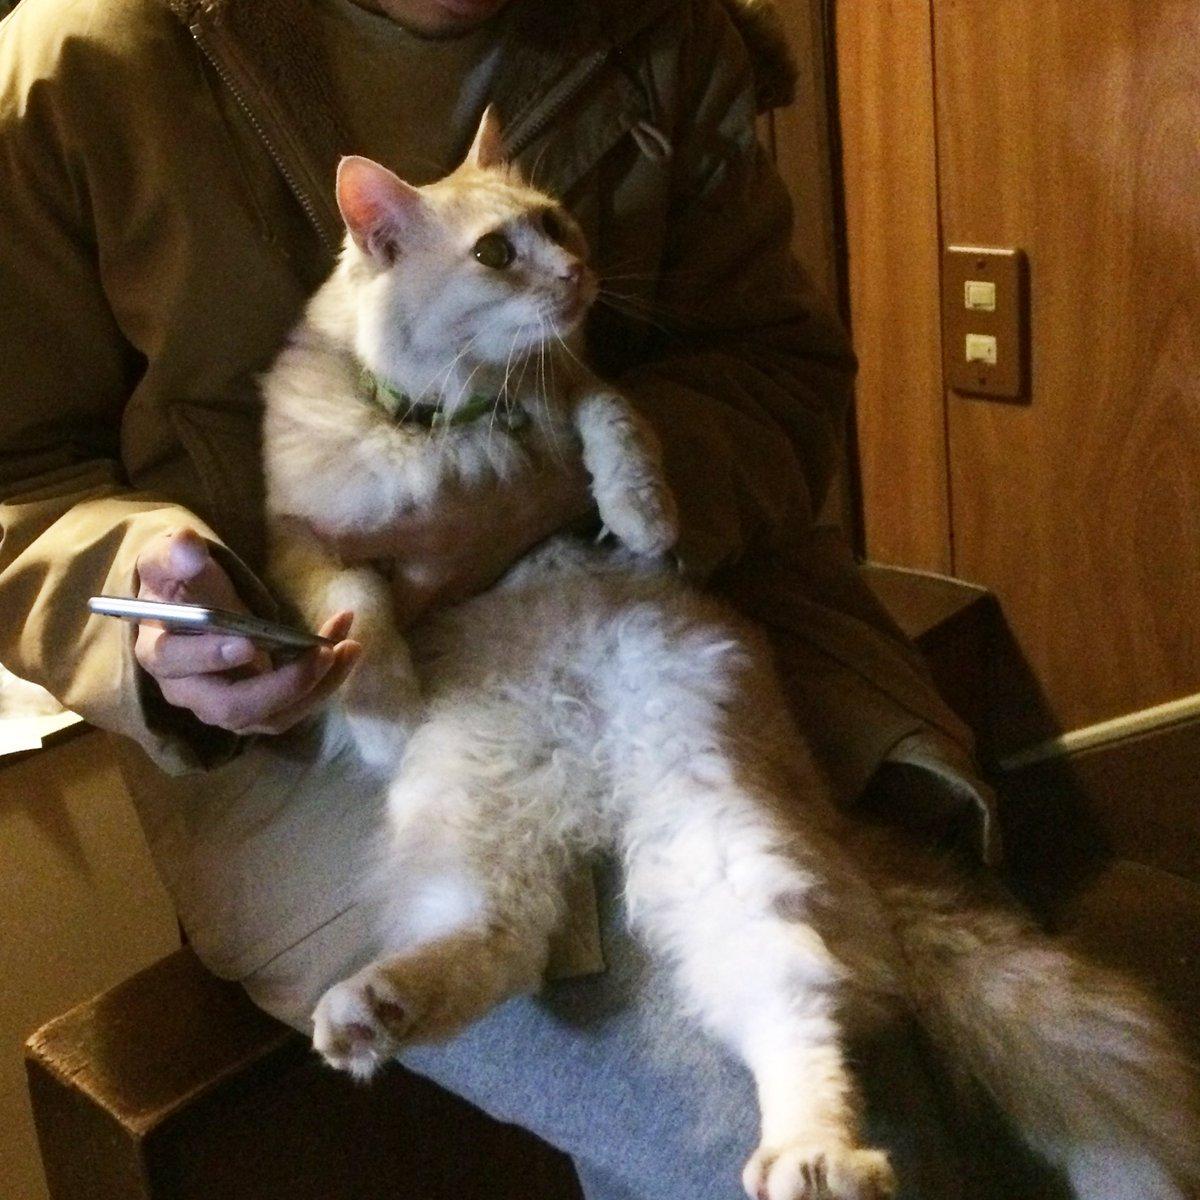 【迷い猫 発見しました!!】22日昼から帰ってこなくなっていた猫 しゃがれ 先ほど無事近所の動物病院で保護されたと電話をいただき、現在帰宅しました! 情報拡散いただいた皆様 ご協力本当に本当にありがとうございました!! https://t.co/ra1NahlxgA